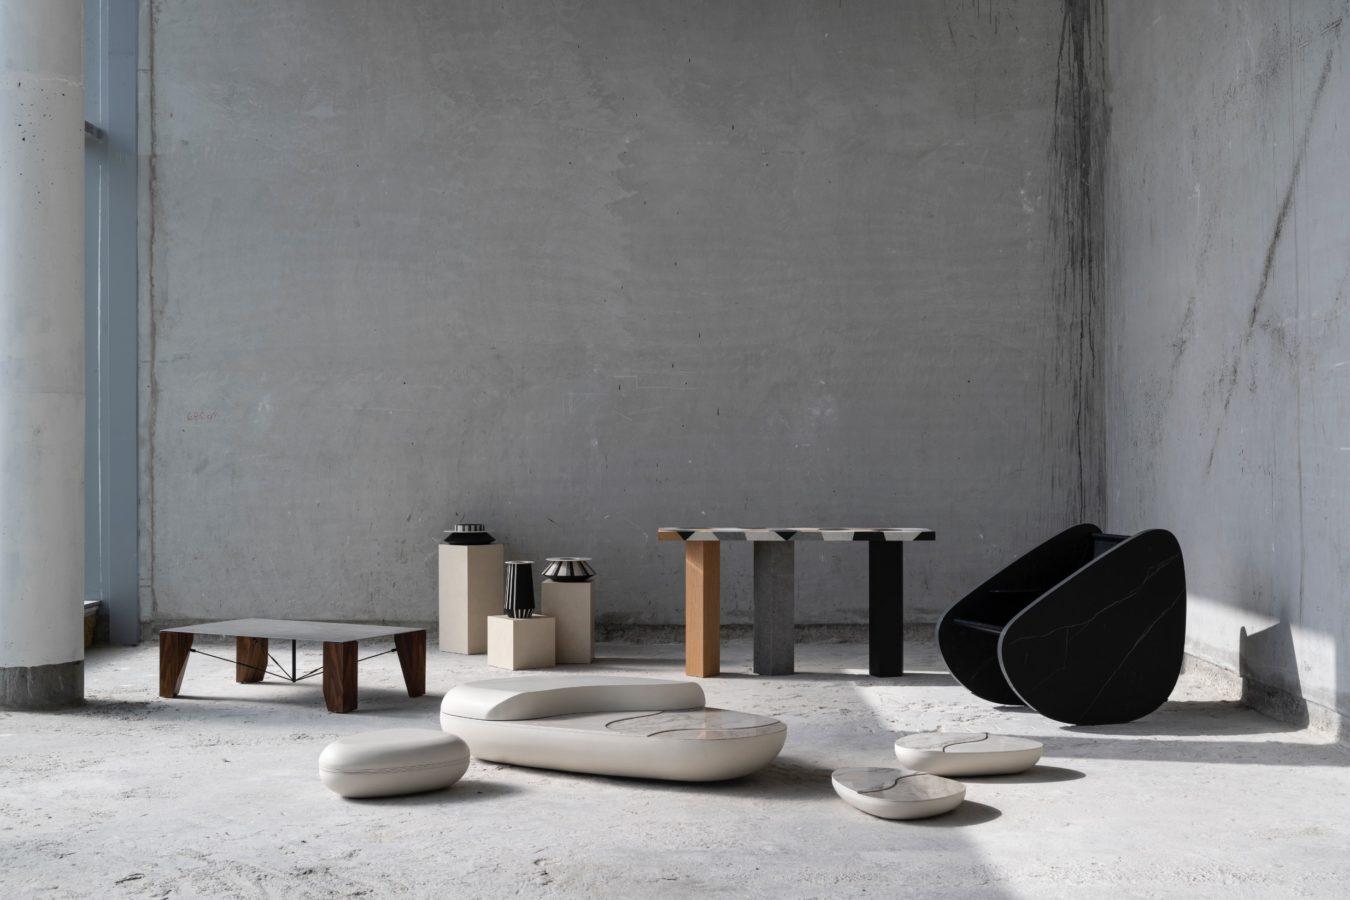 Cosentino's Dekton: More than a surface design, a major interior trend in 2021